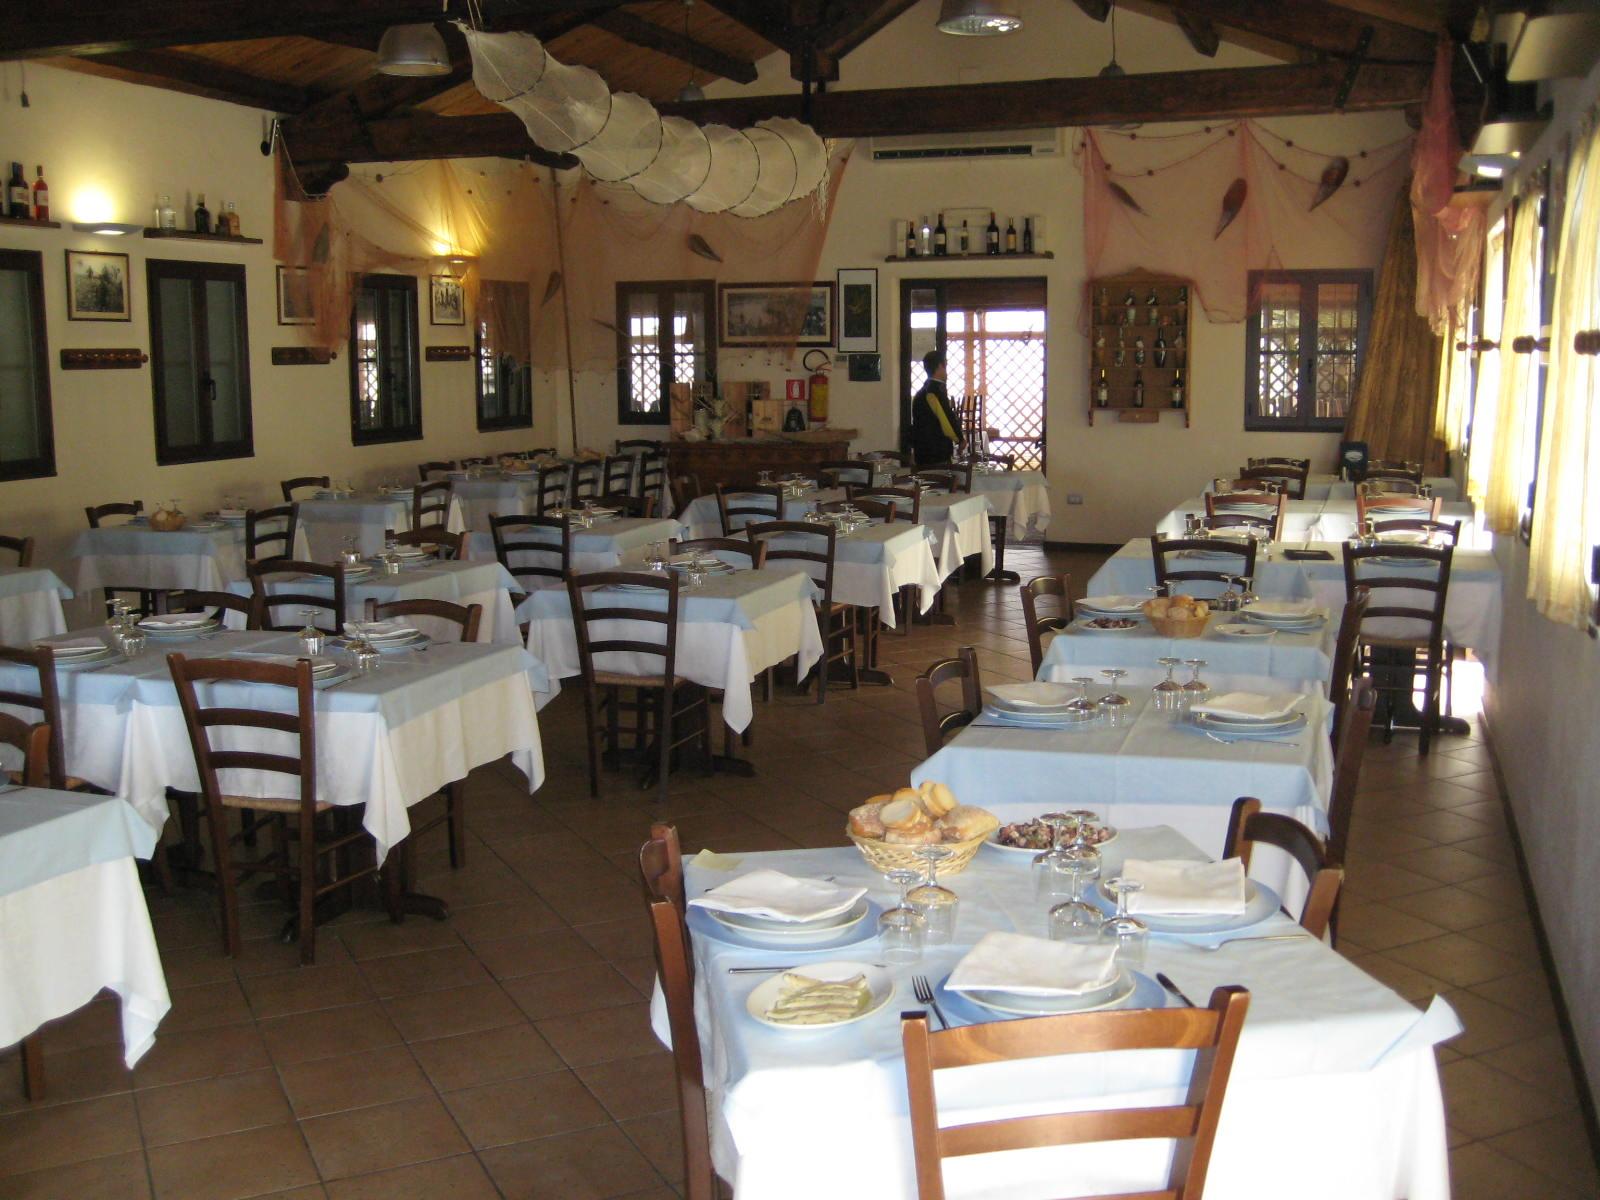 Arredamenti agriturismo cucciari arredamenti sardegna for Arredamenti per ristoranti